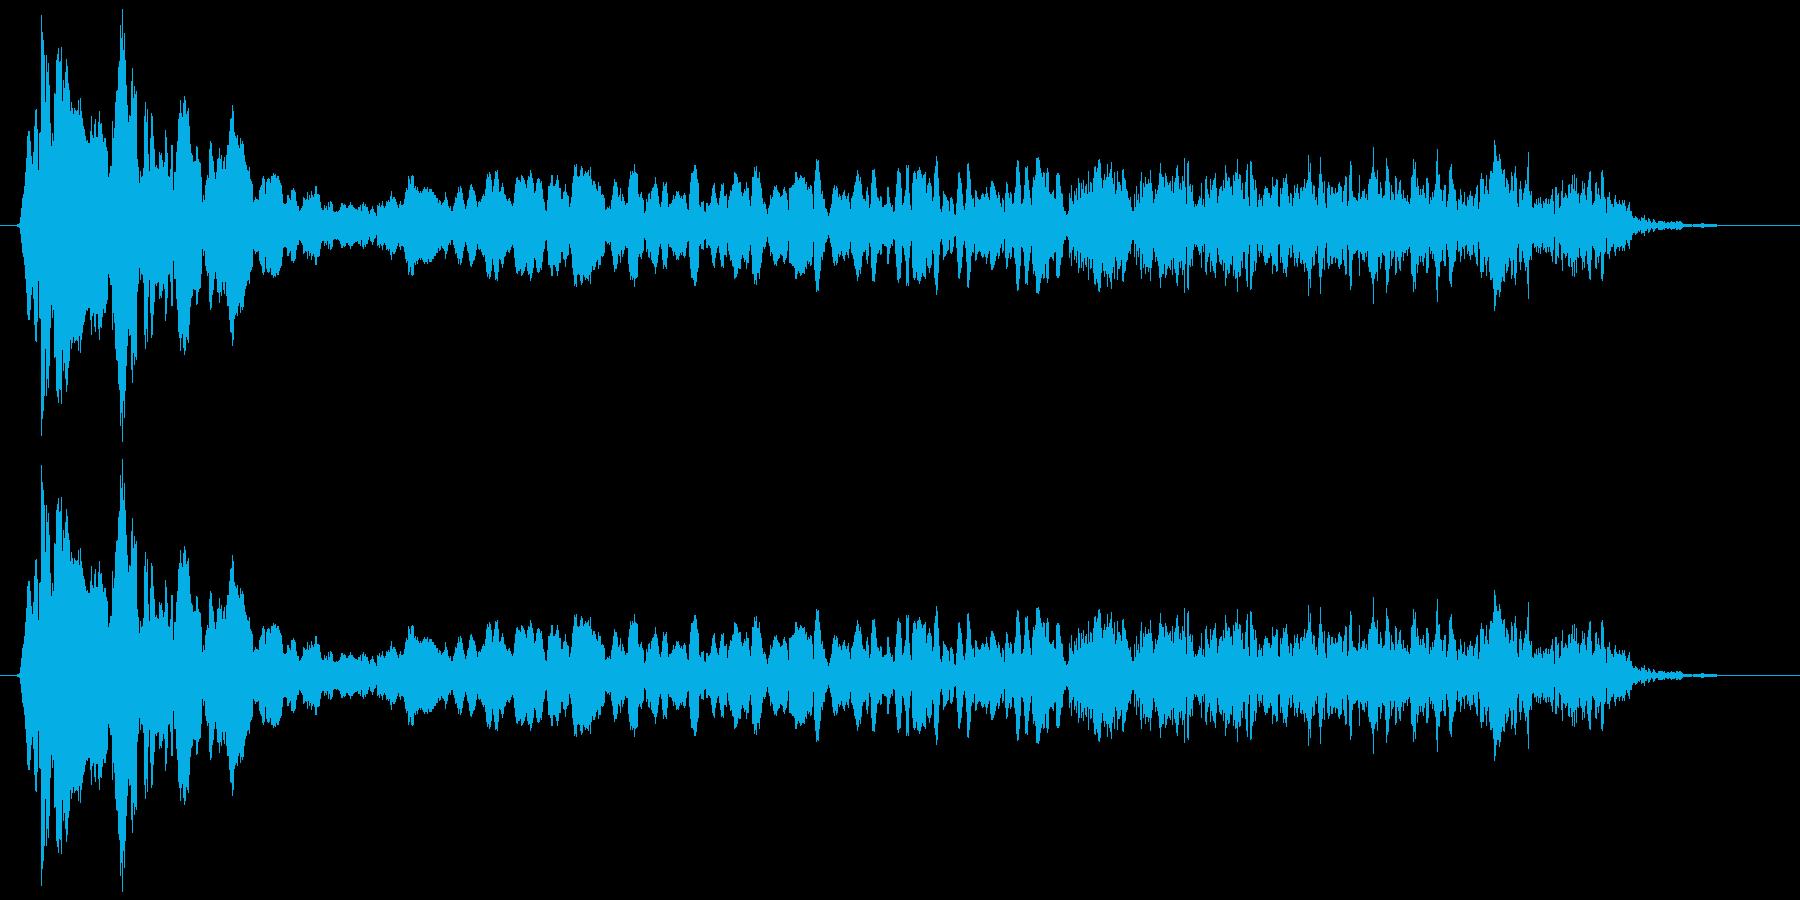 トンビ(トビ、鳶) ピーヒョロロロ 長めの再生済みの波形